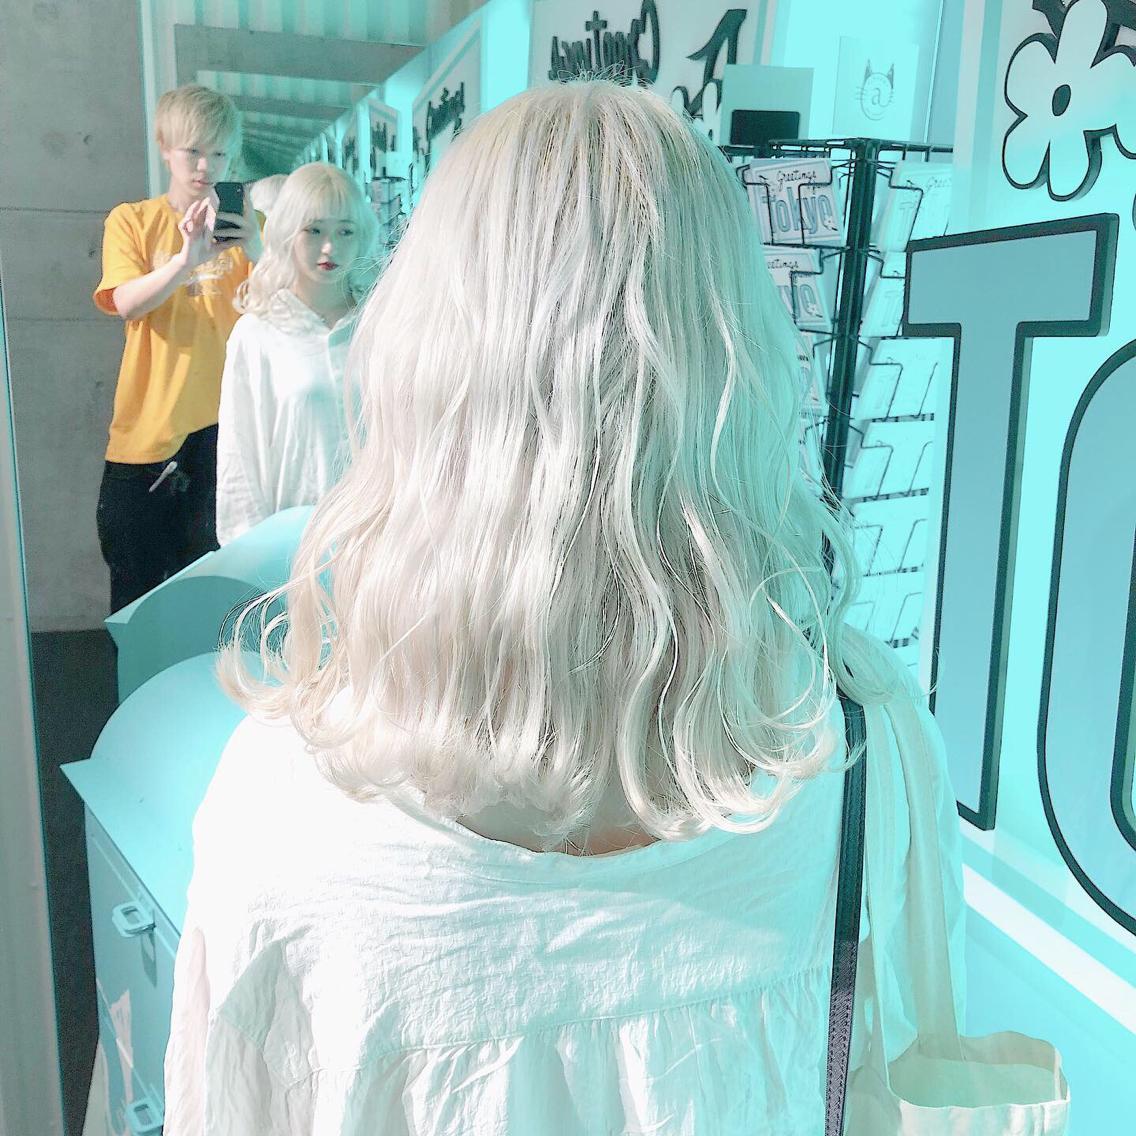 #カラー perfect White    ・perfect White・ ✳︎10800円〜✳︎ ✳︎minaでブリーチ3〜5回出来れば綺麗なホワイトヘアを作れます👻 ✳︎ ✳︎ダメージが強いとブリーチが出来ない場合もあるのでご了承ください ✳︎ムラシャンはエンシェールズのシャンプーを薄めて使うのがオススメ🧖🏻♀️ ✳︎ ✳︎黒染めや縮毛、デジパをしていなくてダメージがひどくなければおおよそ4〜5回ブリーチで出来ます🦄✳︎ 最後まで可愛く仕上げます🇰🇷 ✳︎ お店の近くにあるティファニーカフェで映えな写真もプレゼントします🦄 ✳︎ ✳︎黒染め履歴、ダメージが強い方はでホワイトにはならないです💦  #原宿#ハイトーンカラー#シルバーカラー#ヘアカラー#ネイビーカラー#ホワイトカラー#ブロンドヘアー#アッシュ#ケアブリーチ#ブロンドカラー#派手髪#ラベンダーカラー#ミルクティーカラー#アッシュ#ミルクティーベージュ#ブルージュ#グレージュ#ピンクカラー#インナーカラー#ハイライトカラー#グラデーションカラー#bts#seventeen#twice ✳︎ ✳︎ ✳︎